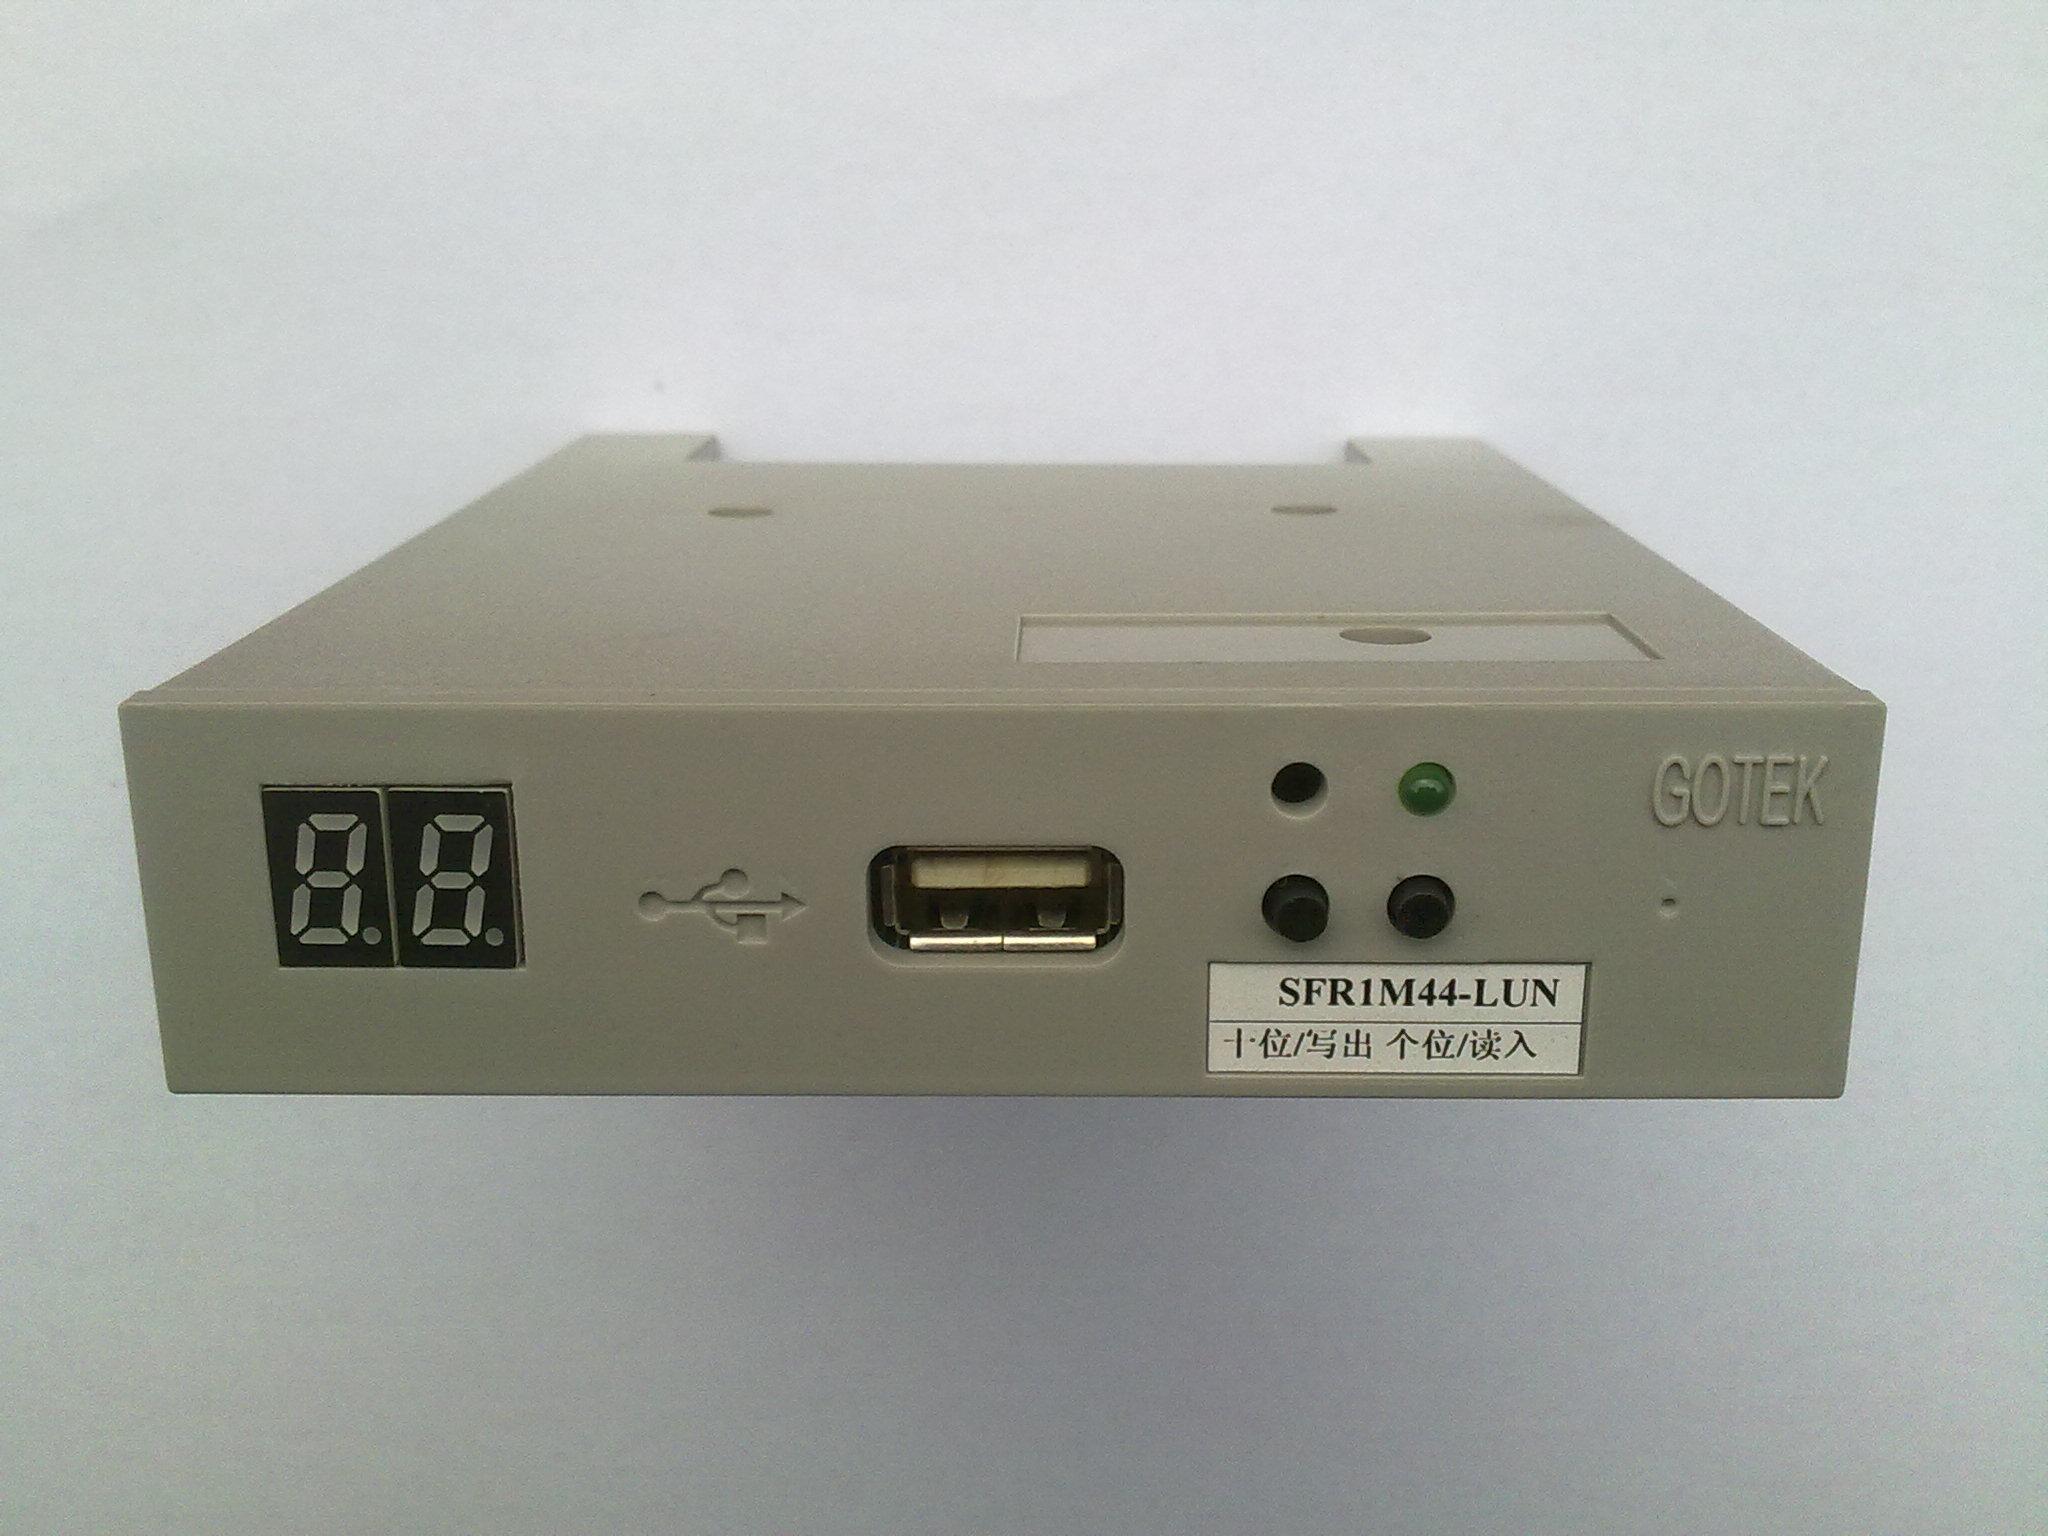 Дисковод гибких дисков Артикул 6043599871